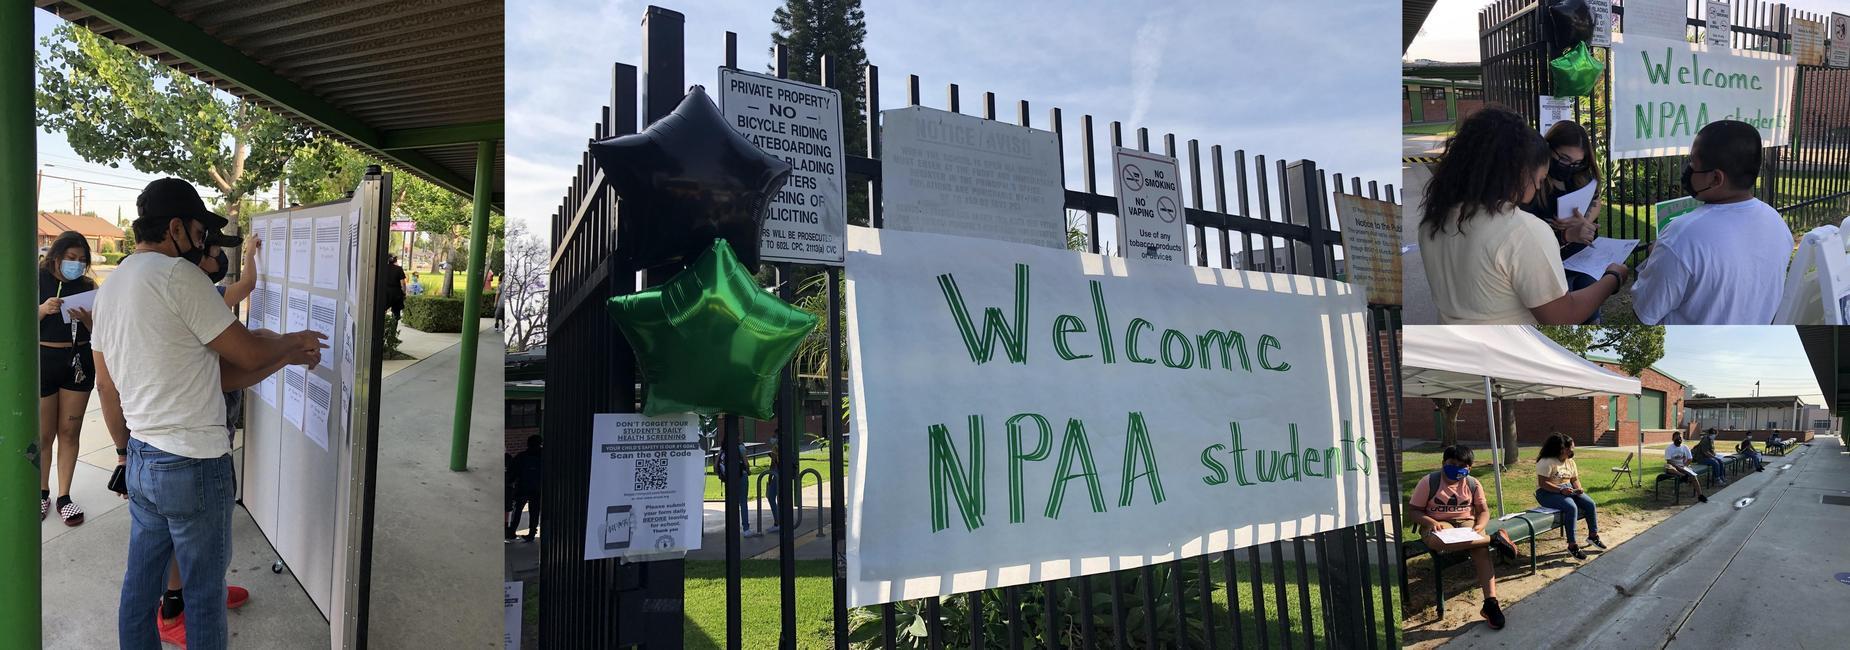 NPAA Summer School